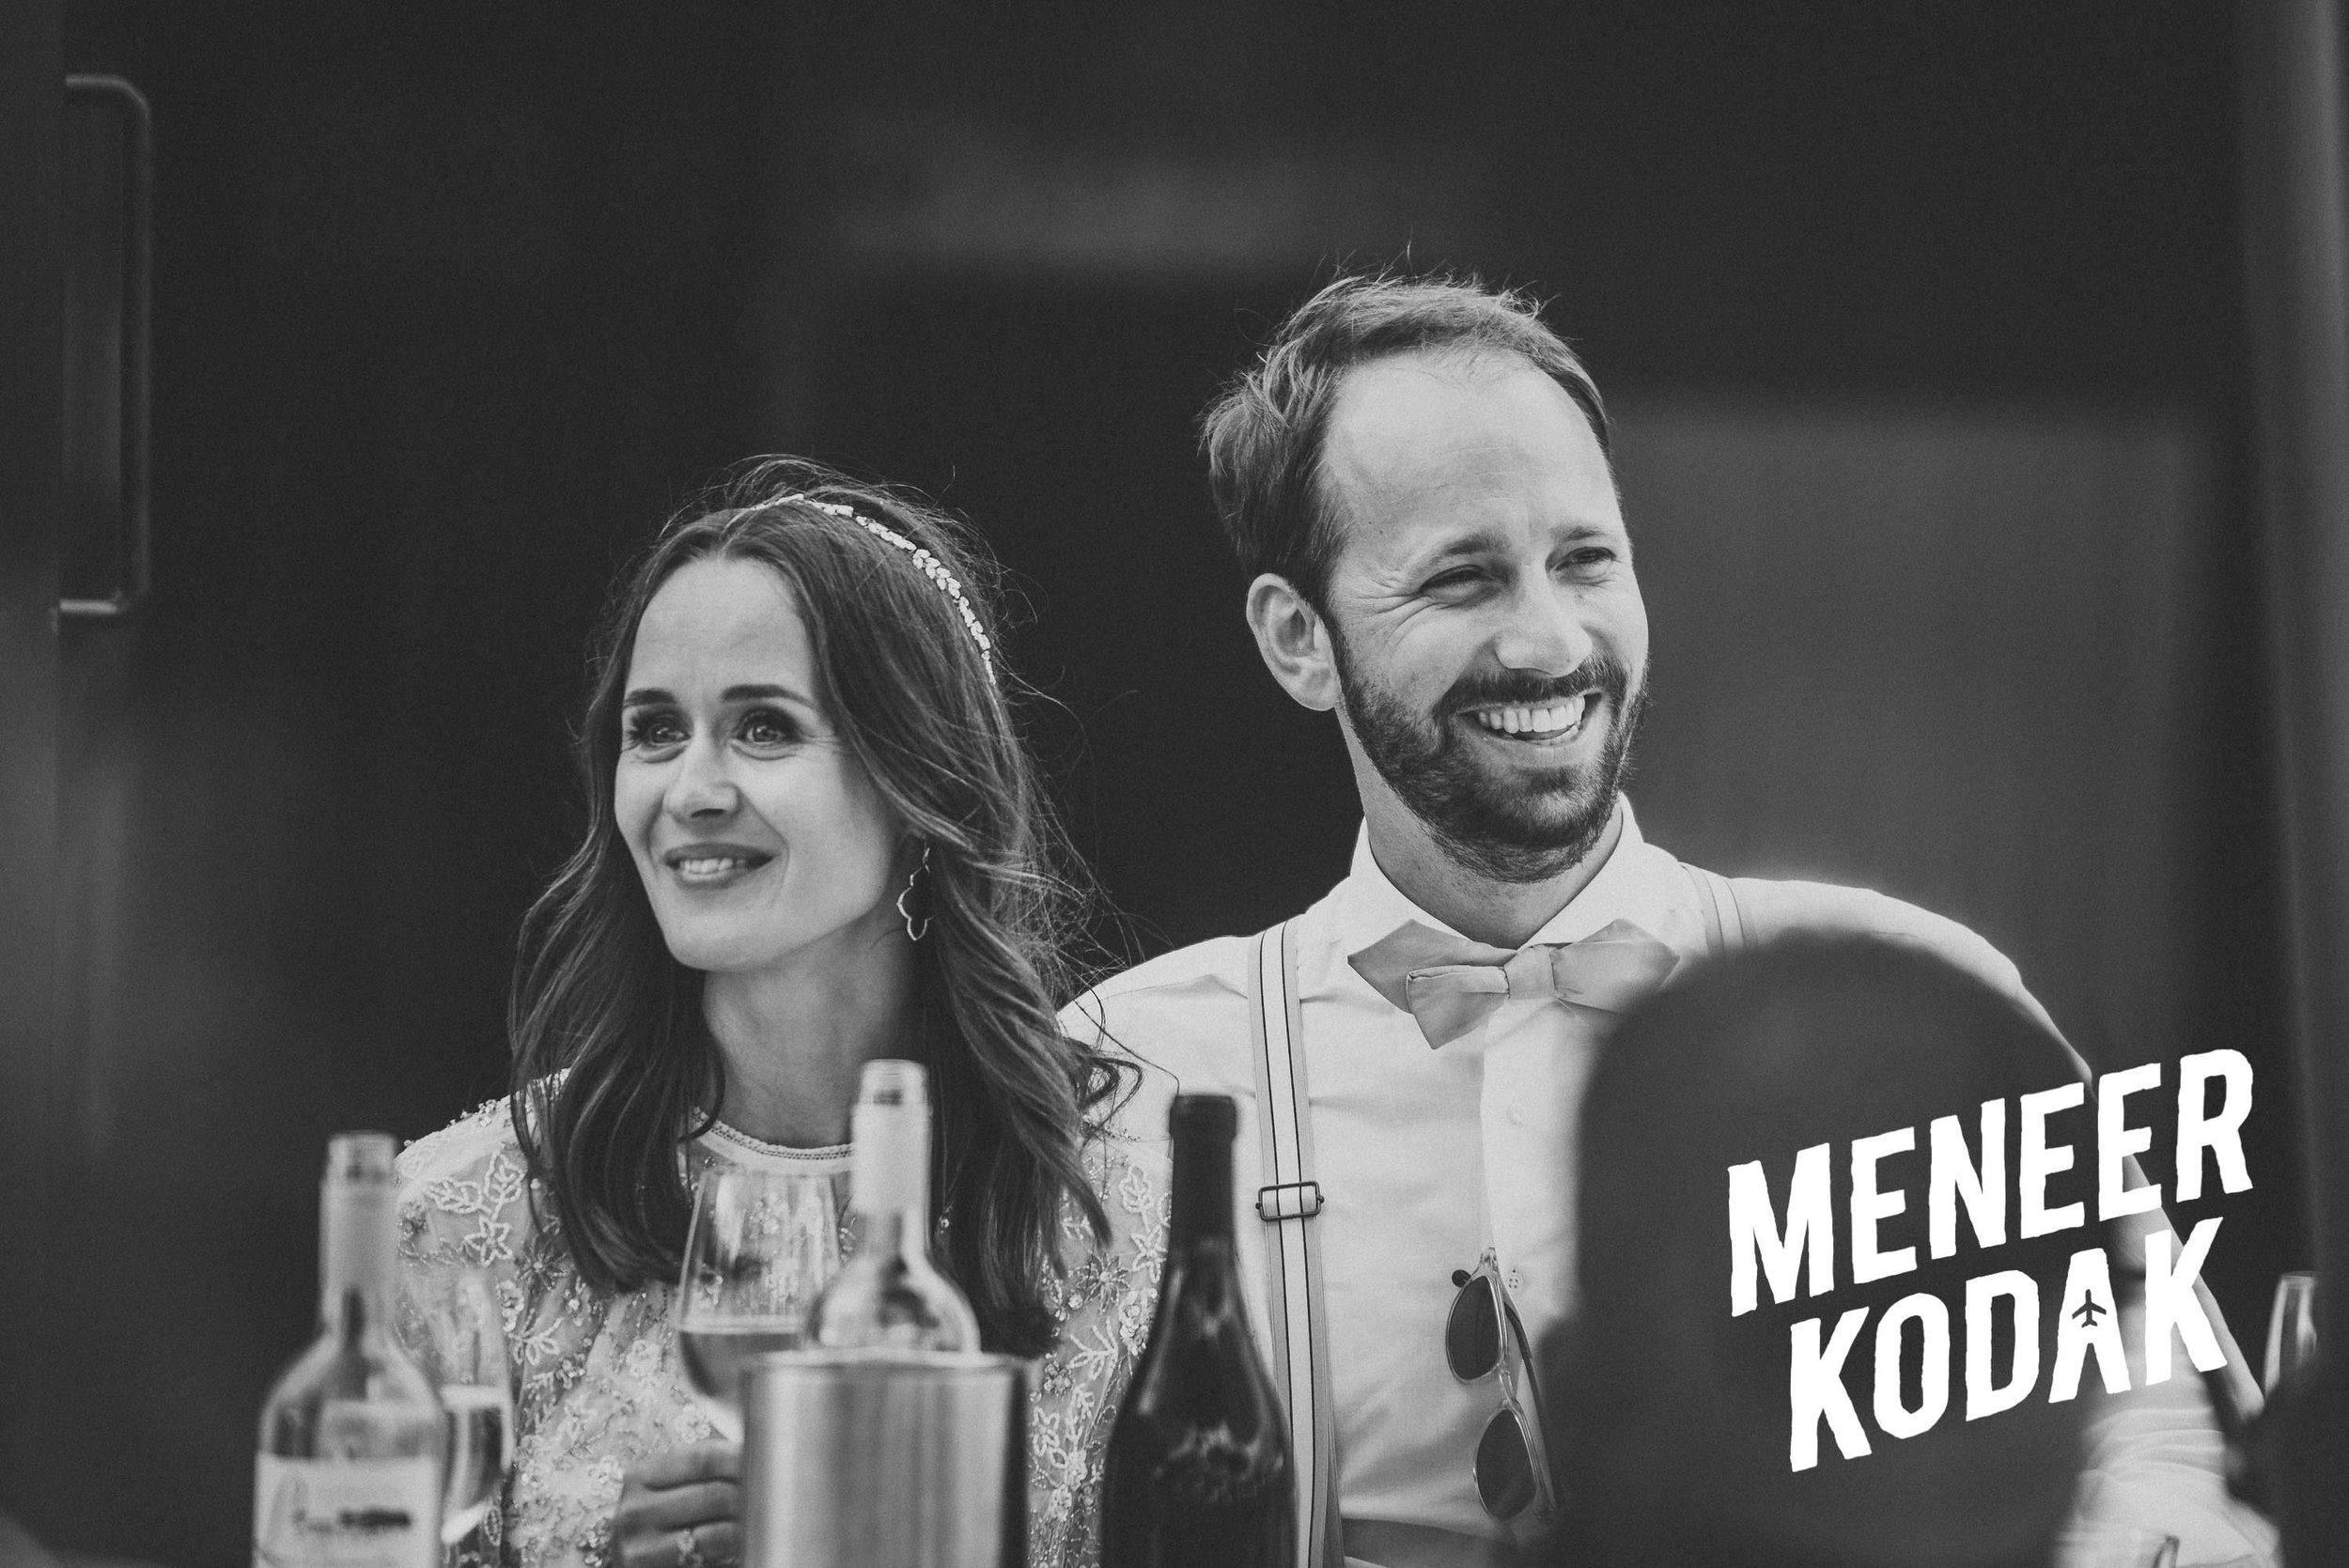 Meneer Kodak - Trouwfotograaf - Amsterdam - H&T-118.jpg